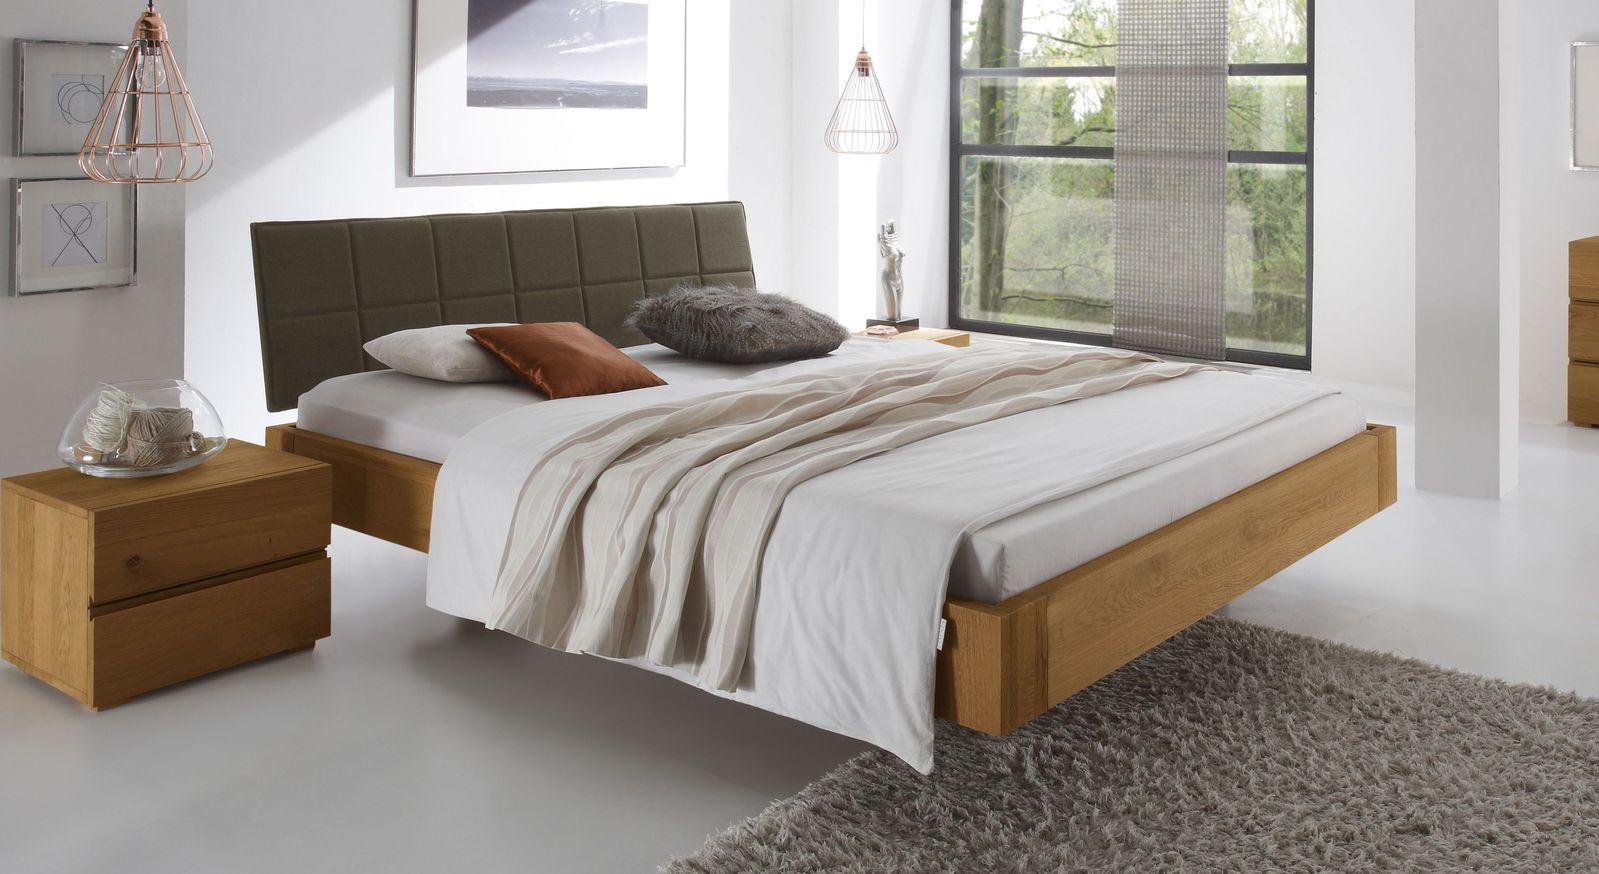 Naturfarbenes Bett Belbari mit Kopfteil in Braun